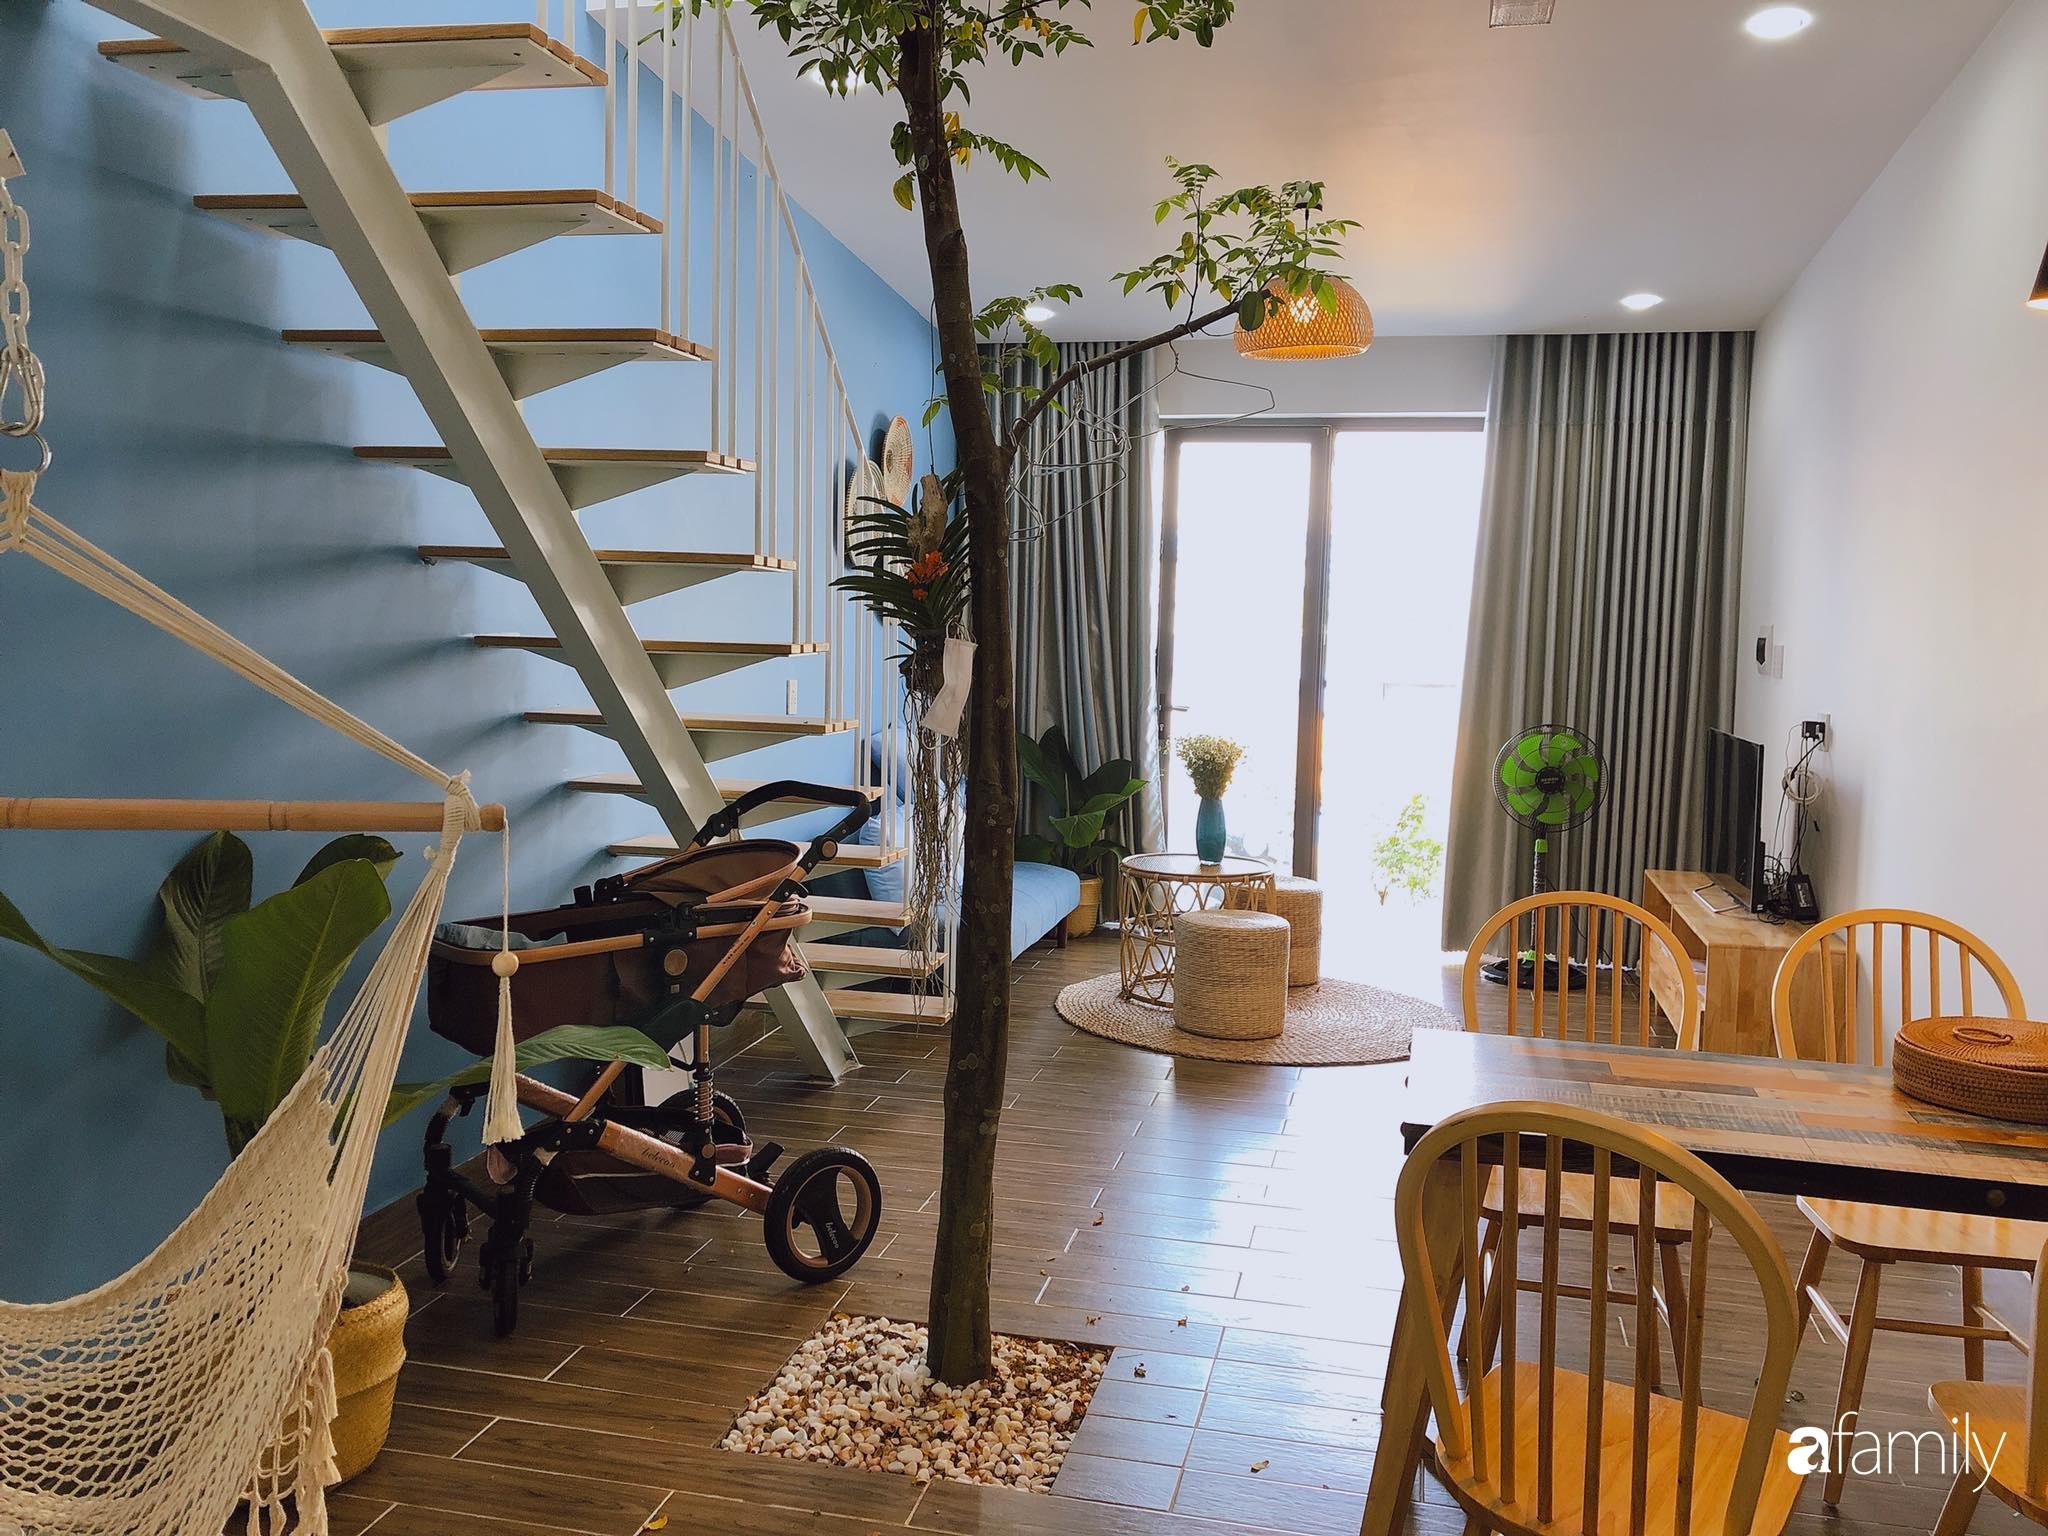 Nhà 35m² được cải tạo thành không gian sống hiện đại với ánh sáng ngập tràn cùng những chất liệu thân thiện với môi trường ở Vũng Tàu - Ảnh 11.